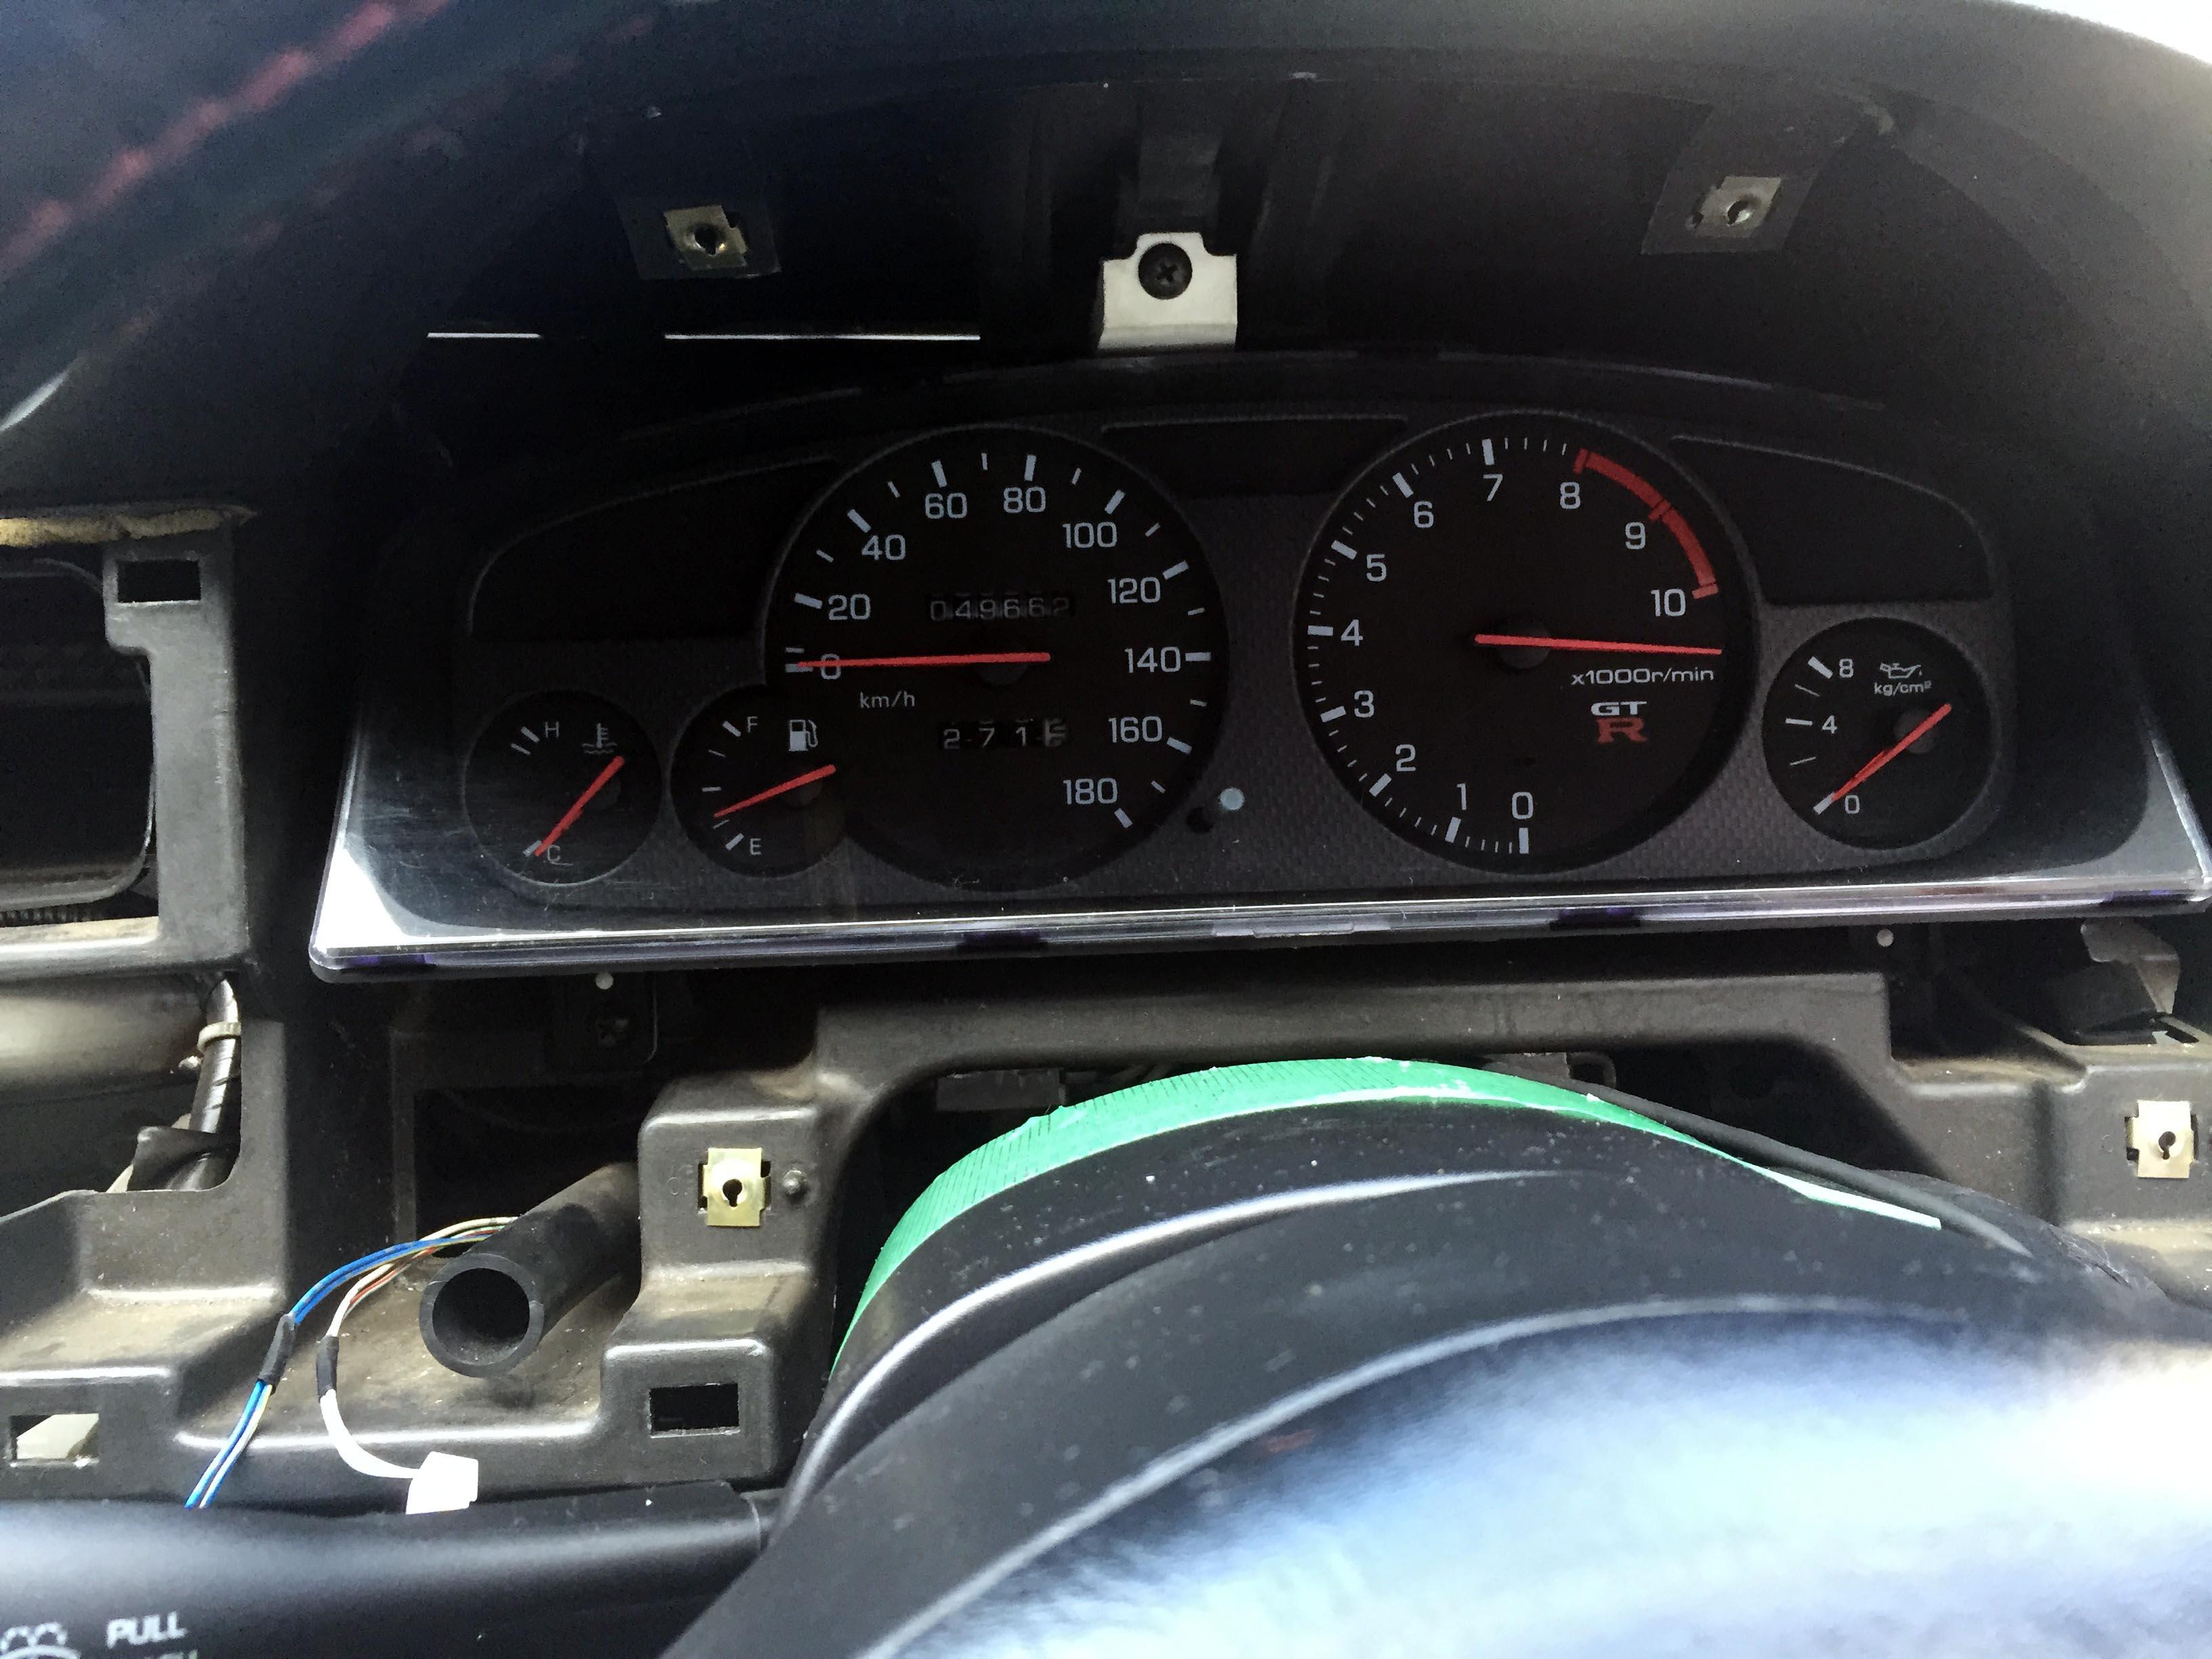 日産R33スカイラインGT-Rのタコメーター指針が振り切れているので修正します。